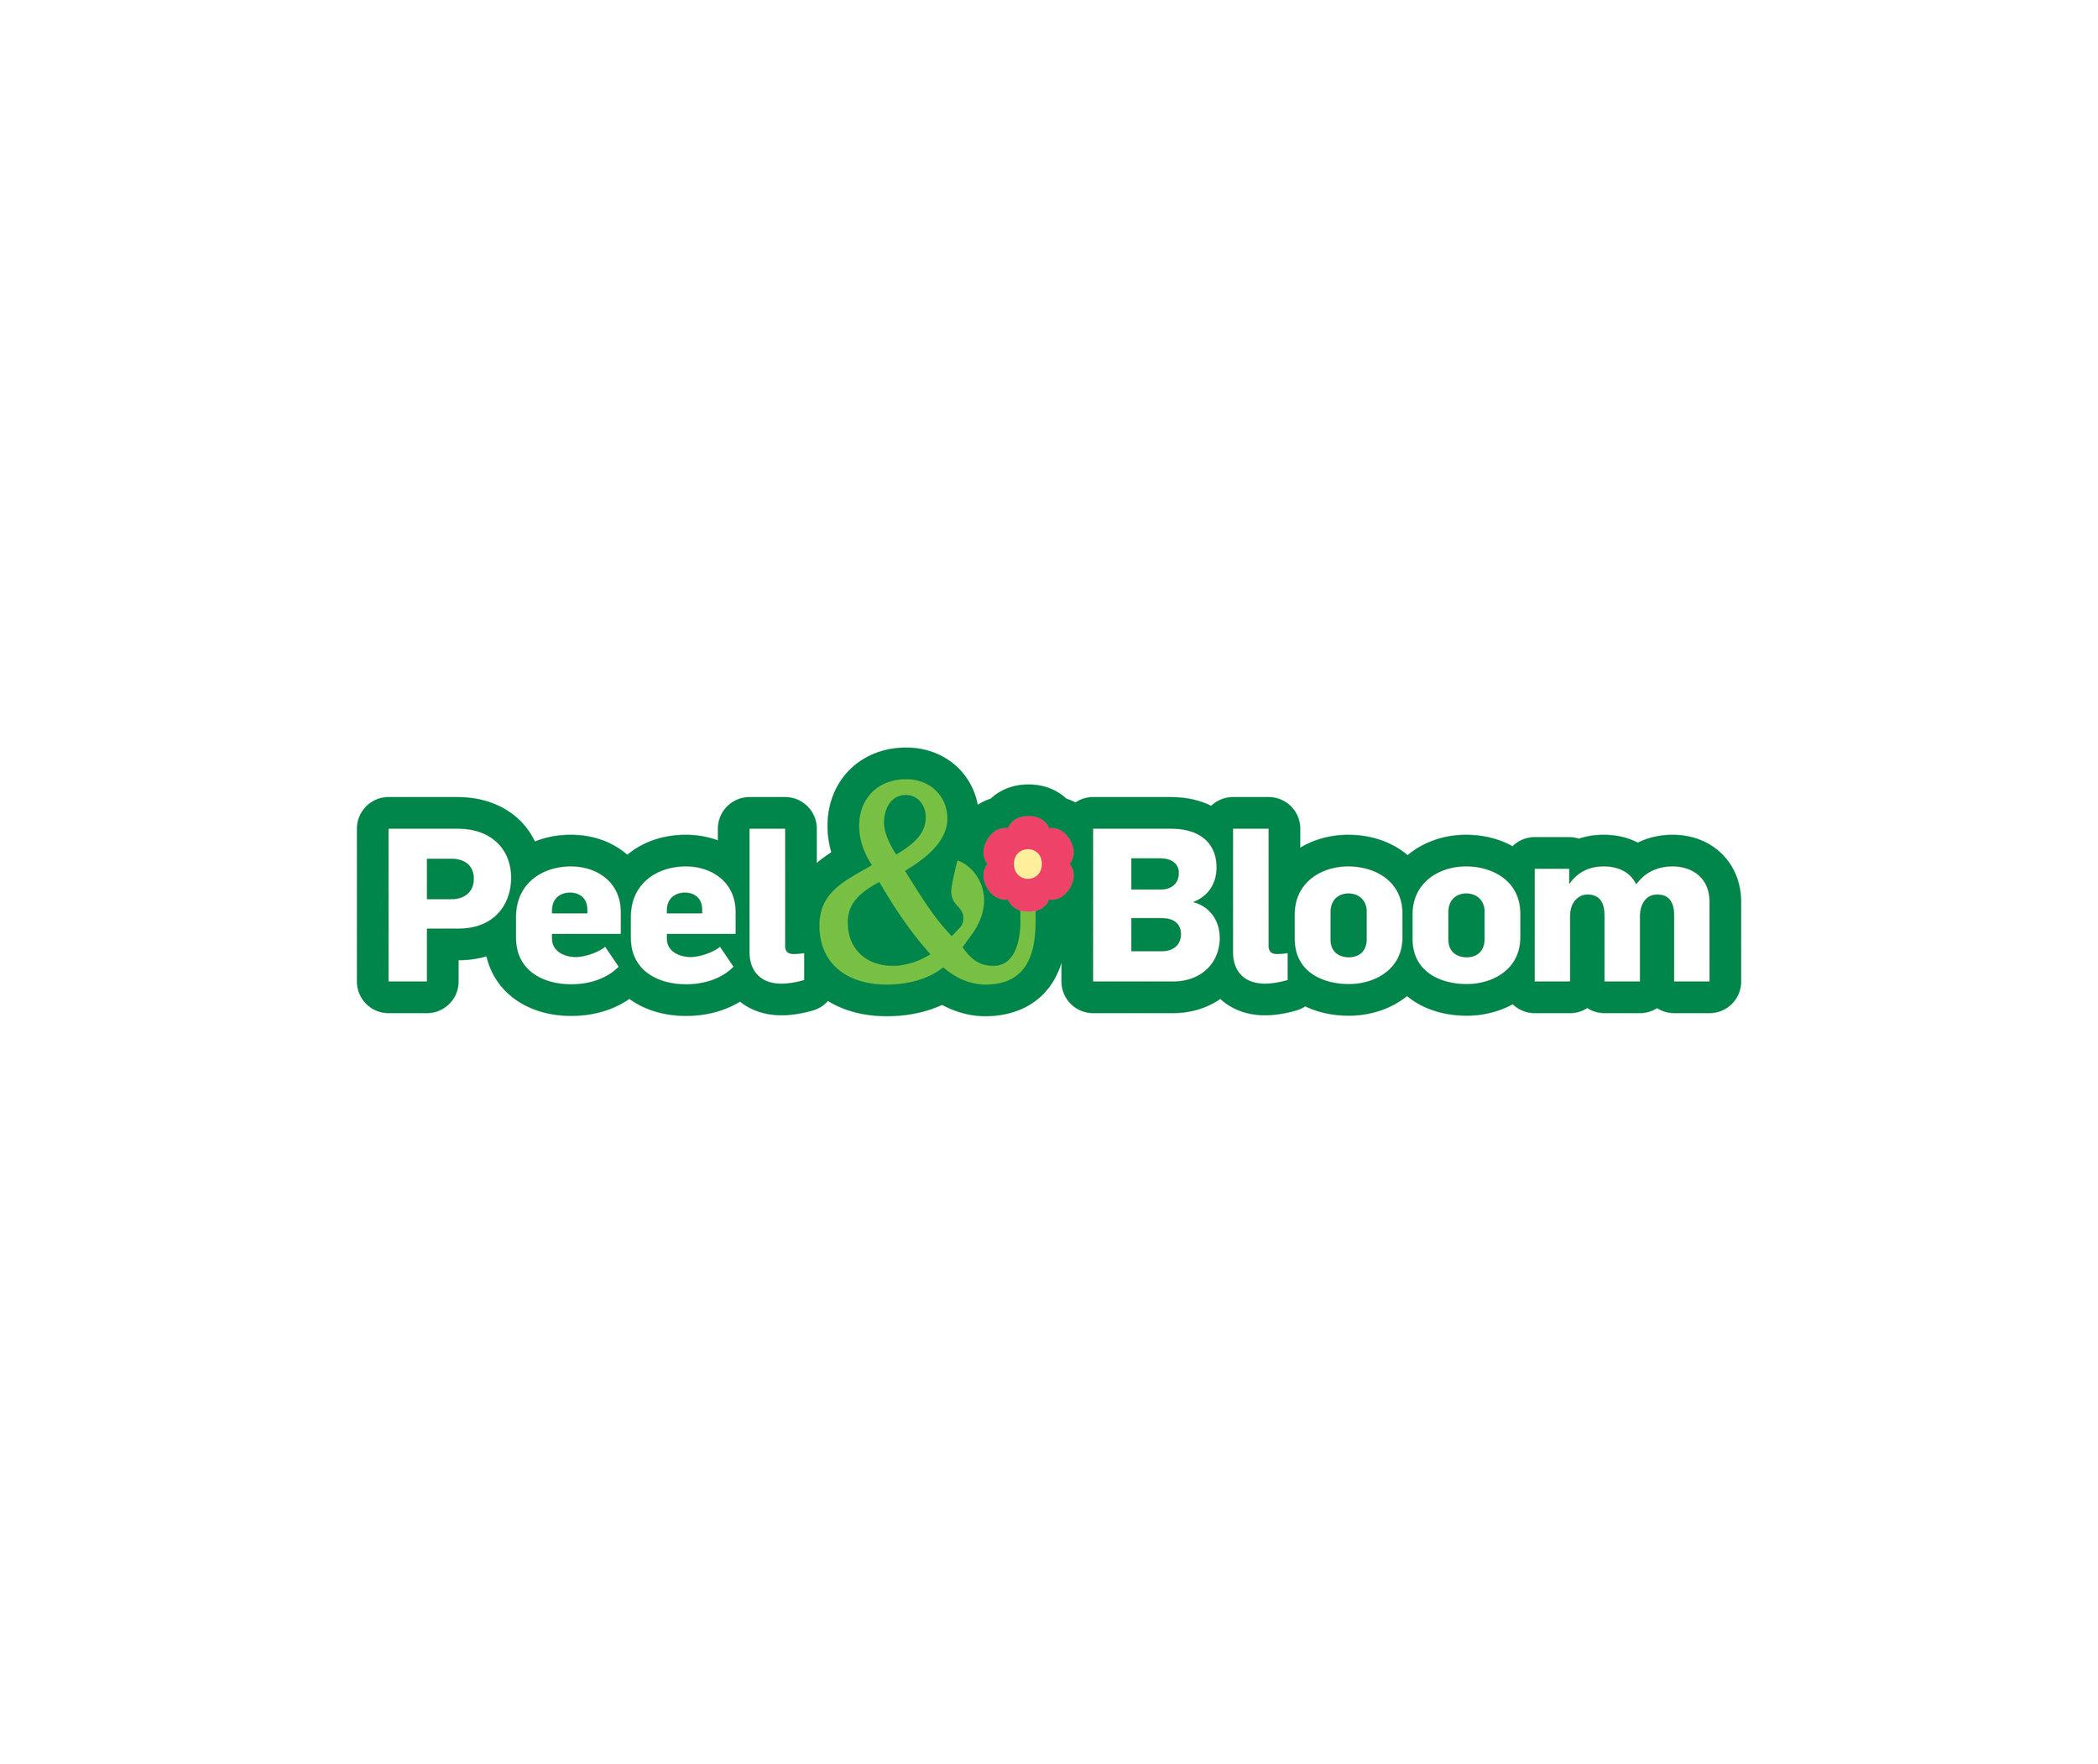 Peel & Bloom logo.jpg